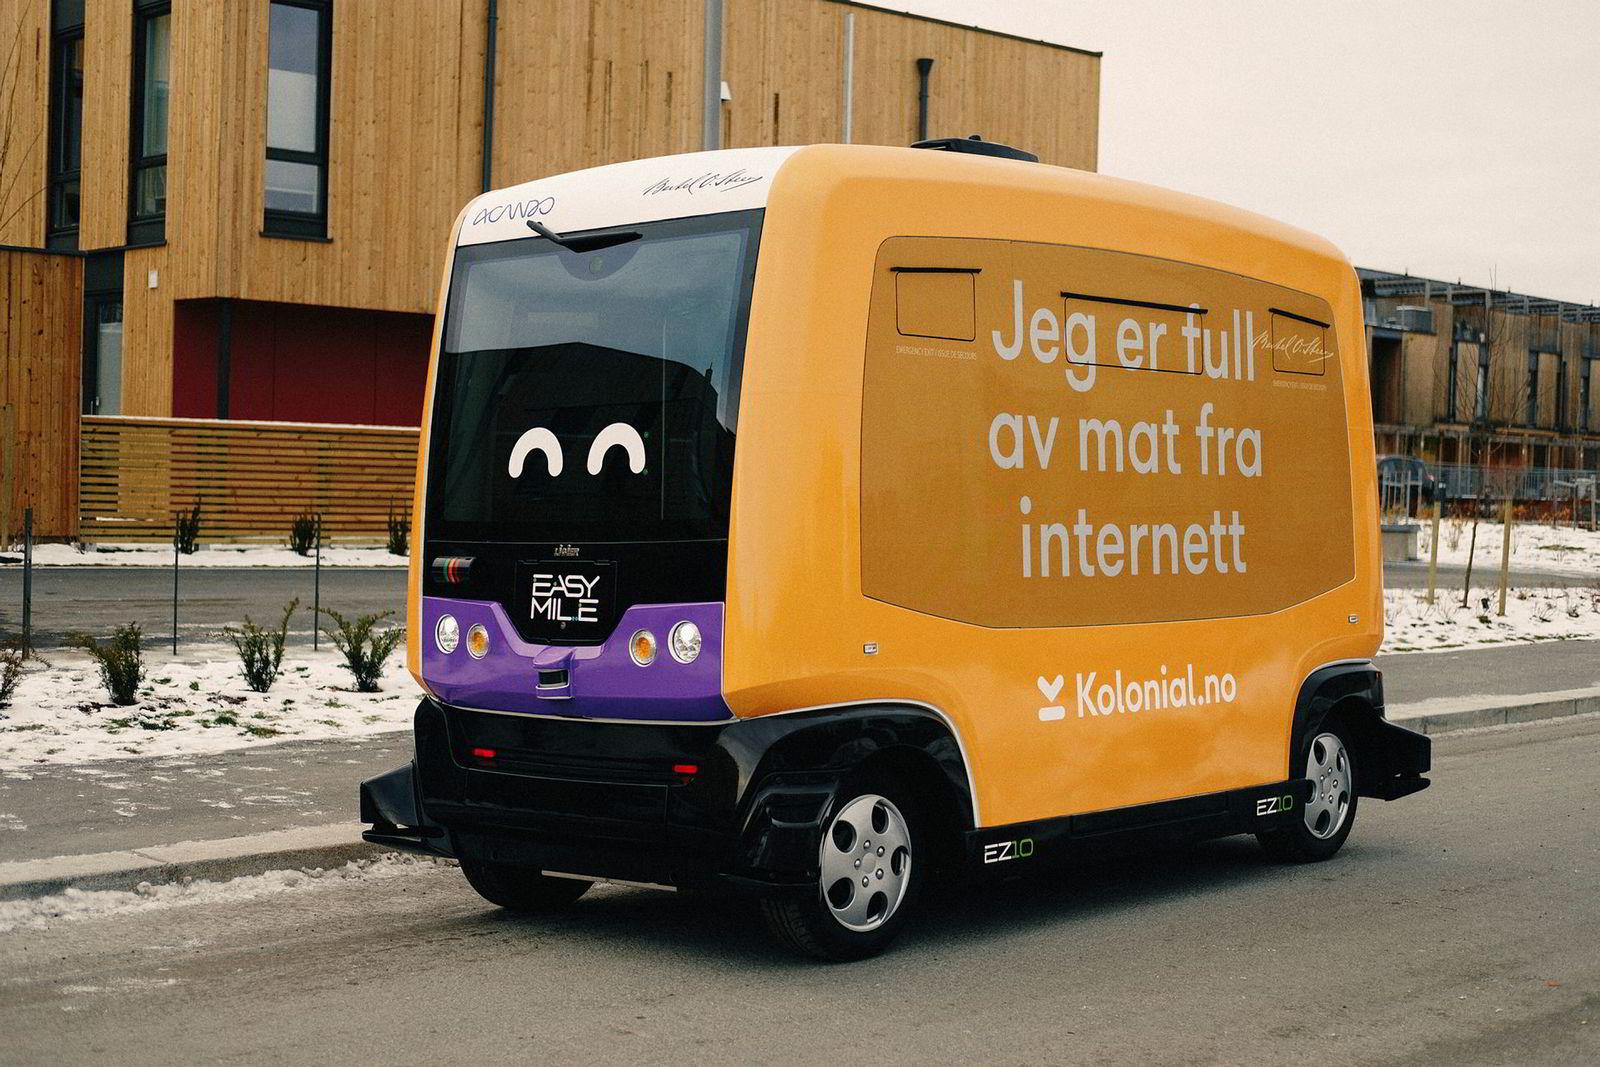 Kolonial.no gjorde nylig forsøk med en selvkjørende matbutikk på Fornebulandet i Bærum. - Dette viser hvilke muligheter som ligger i mat på nett, og det er nærmere virkeligheten enn man tror, sier Karl Munthe Kaas, gründer og sjef for Kolonial.no,